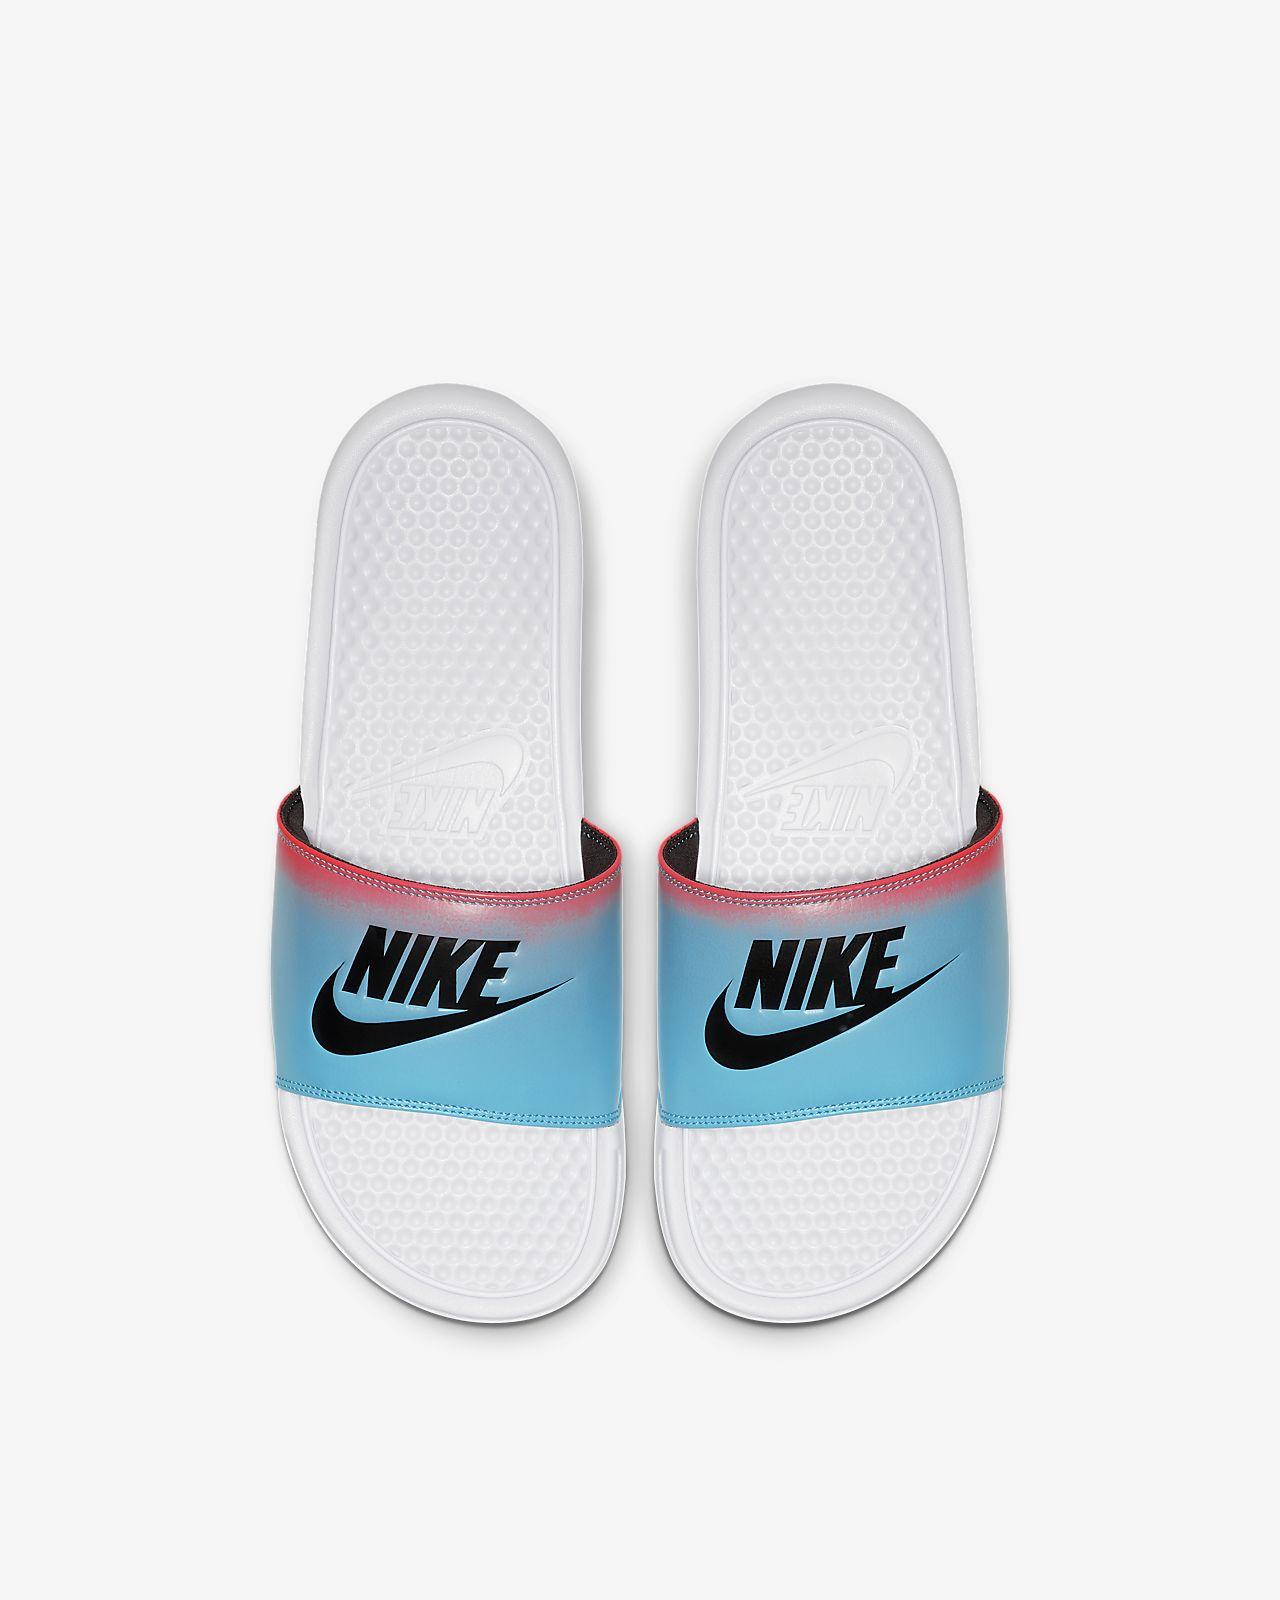 innovative design e0825 8bbf3 ... Nike Benassi JDI Printed Men s Slide